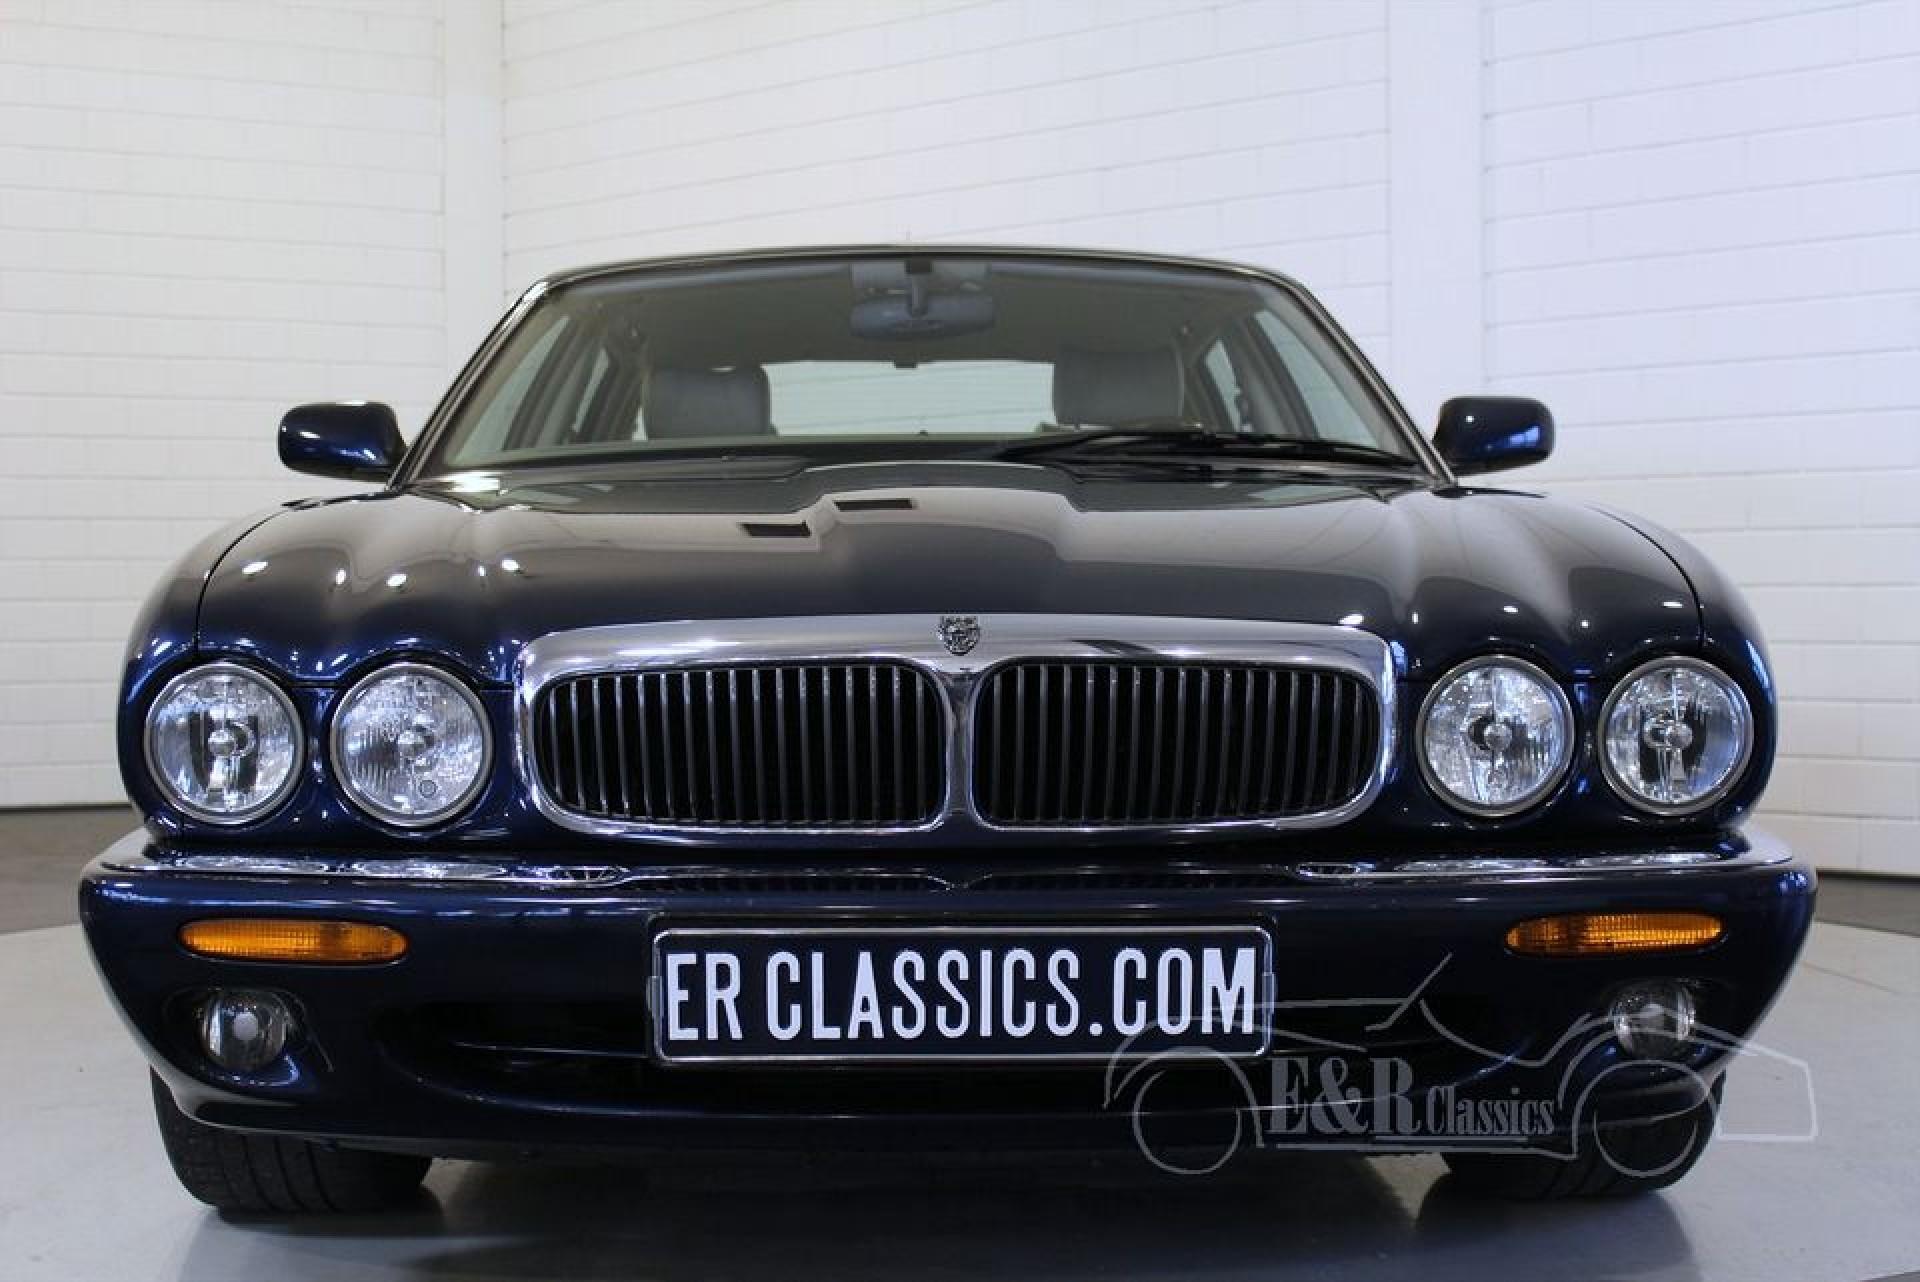 jaguar xj8 executive 1998 for sale at erclassics. Black Bedroom Furniture Sets. Home Design Ideas